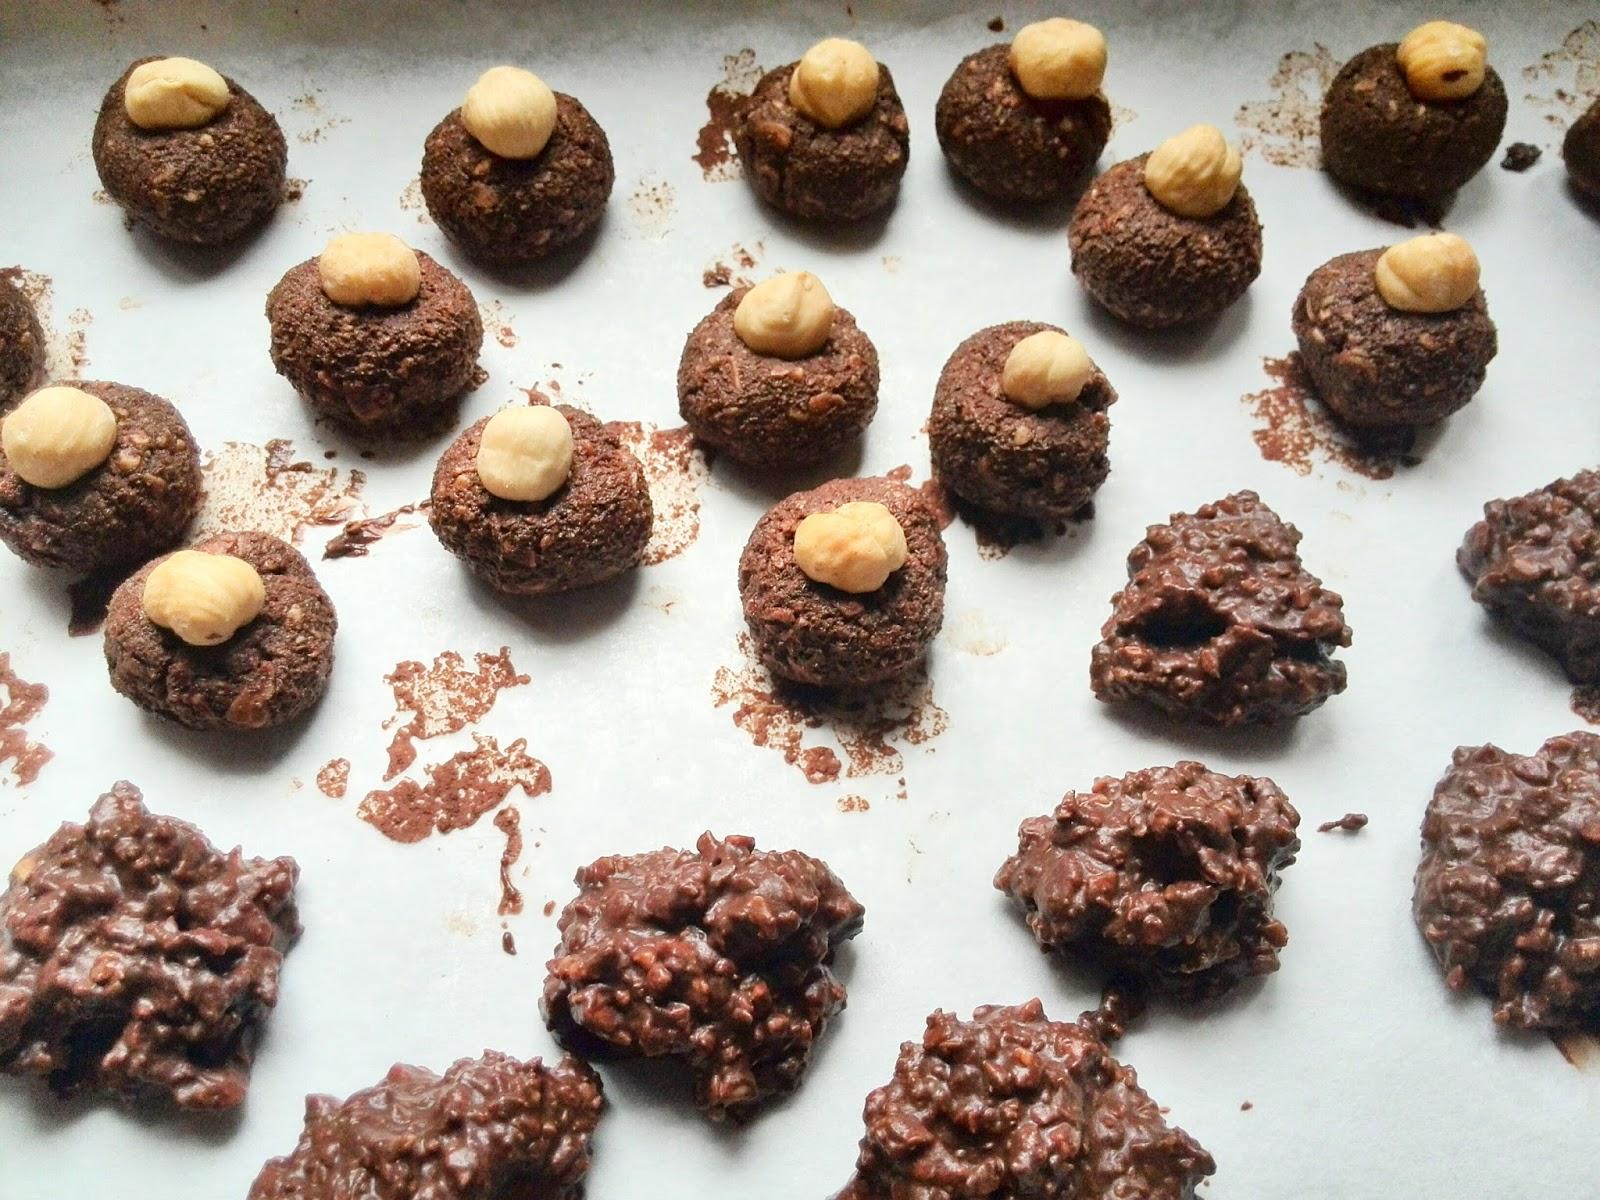 In cucina con lorella baci di cioccolato - Bagno di cioccolato ...